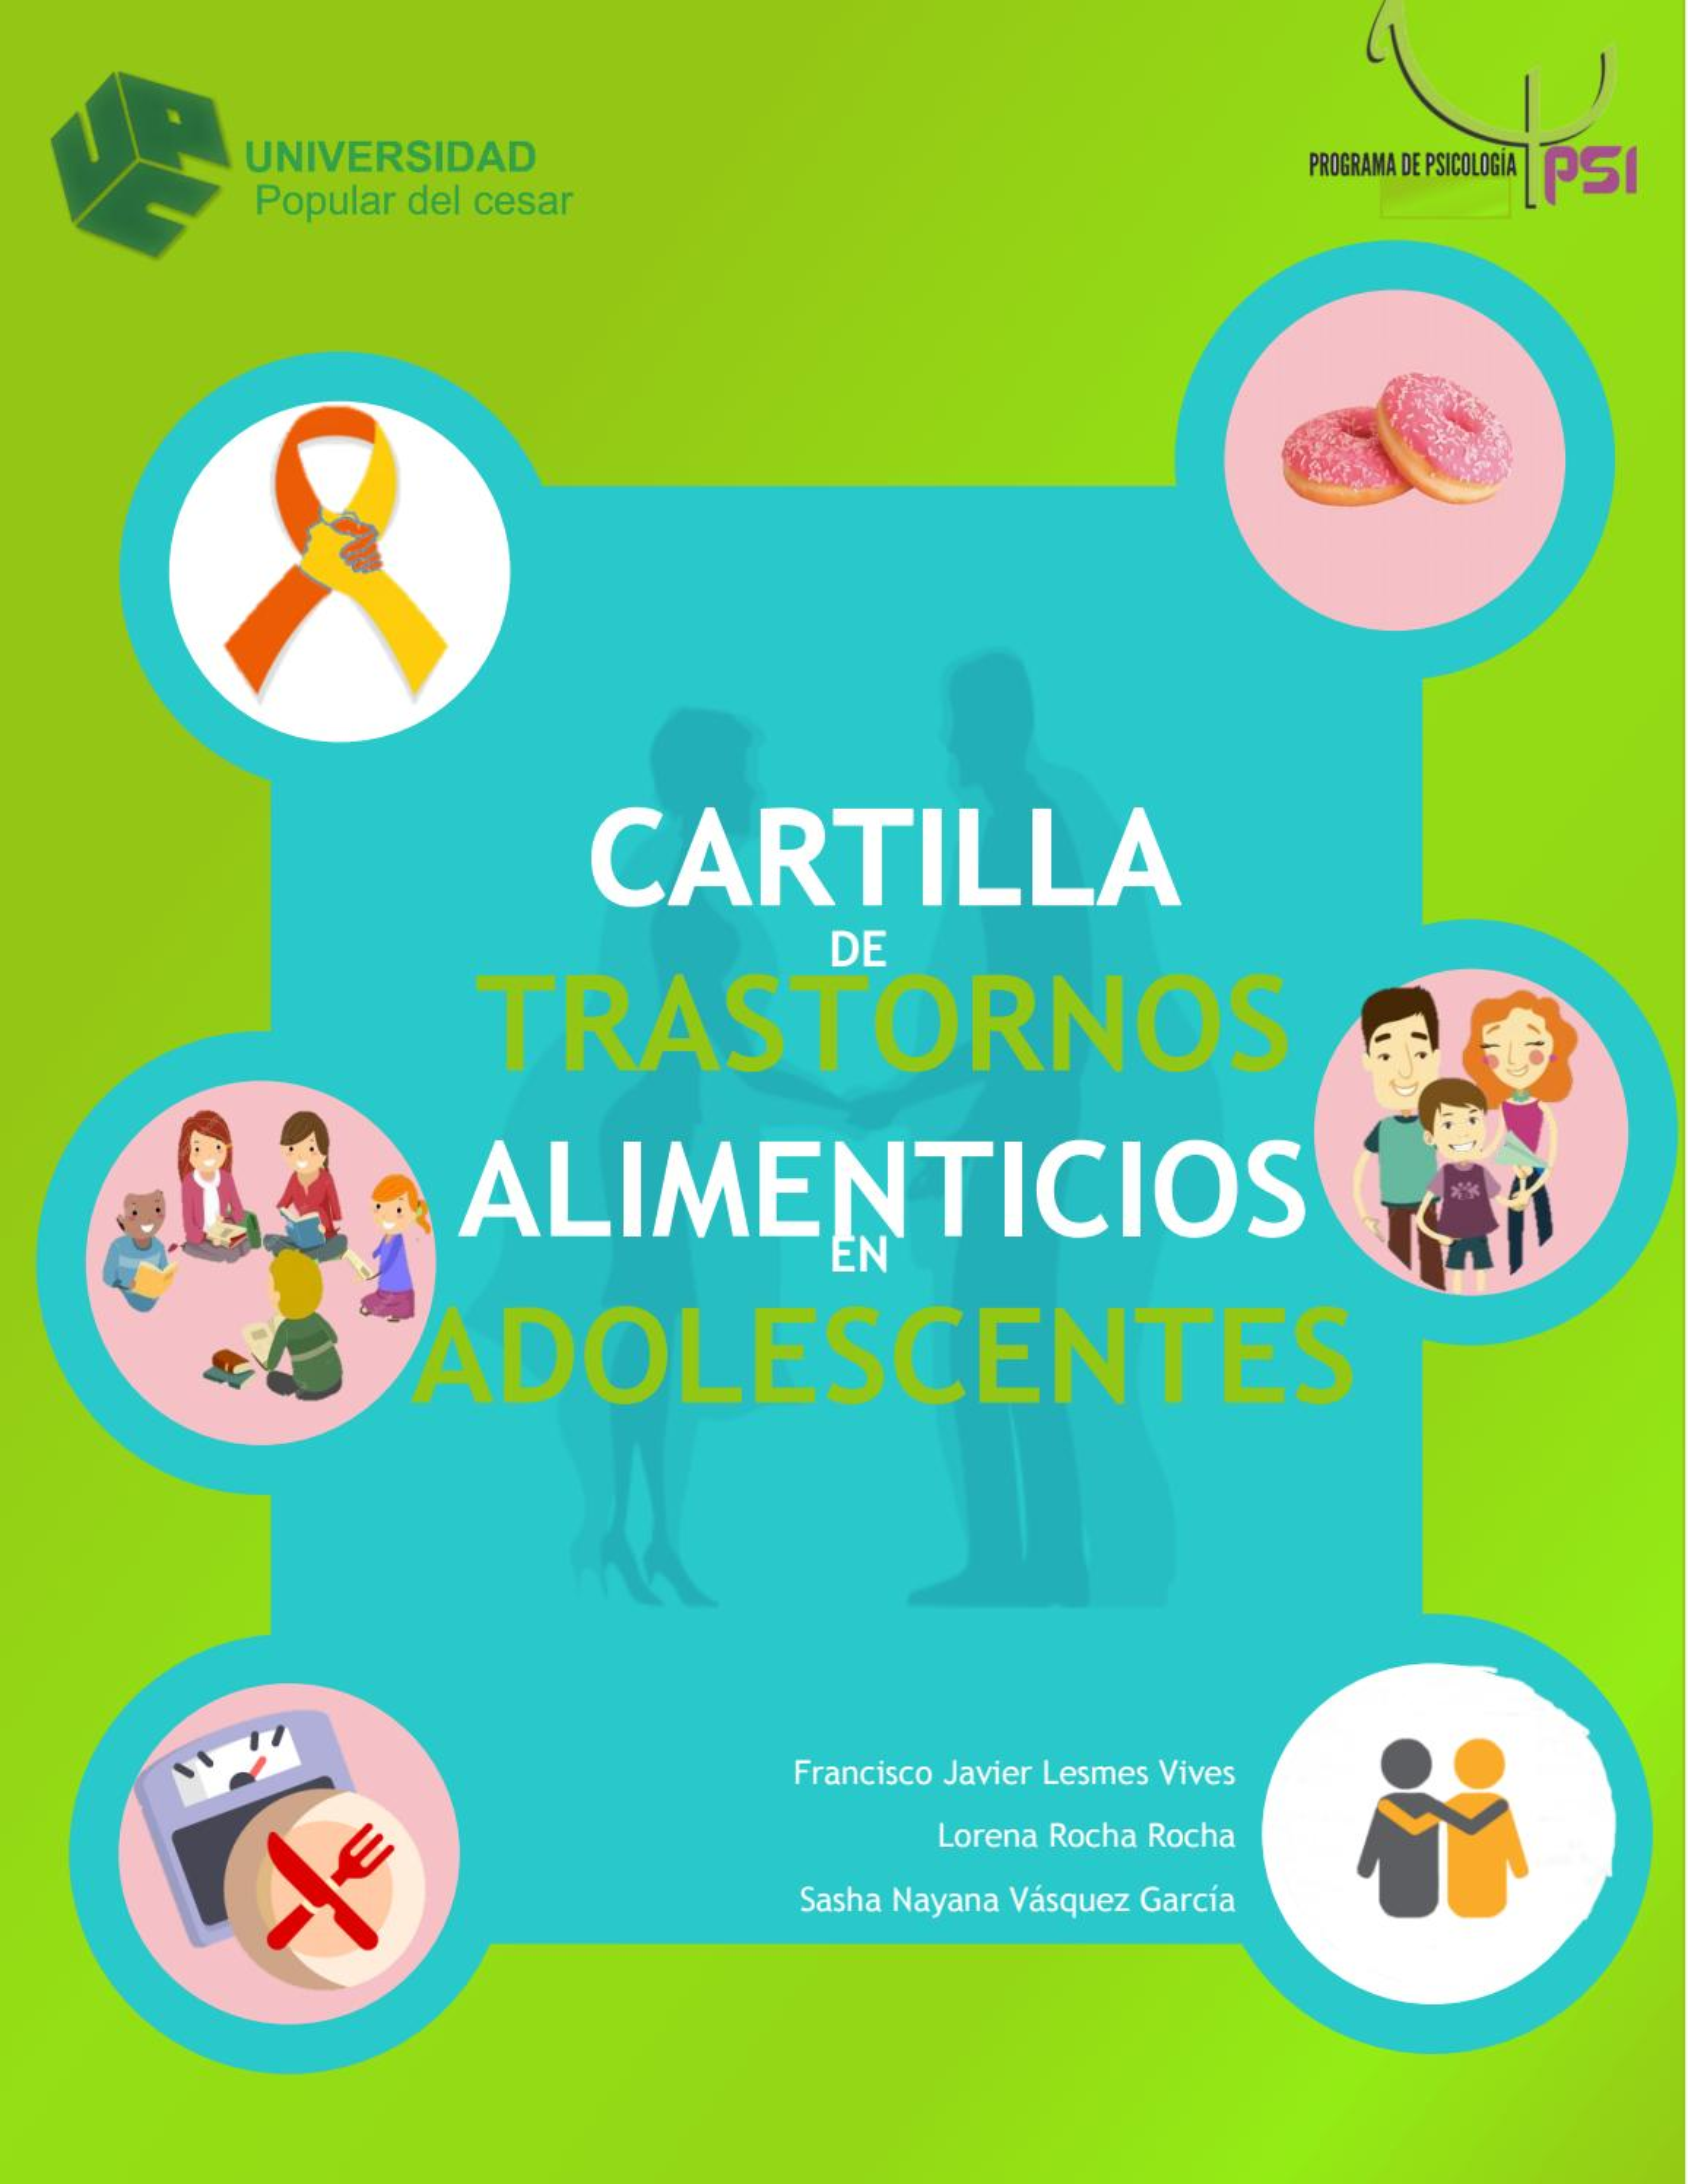 factores que pueden causar trastornos alimenticios